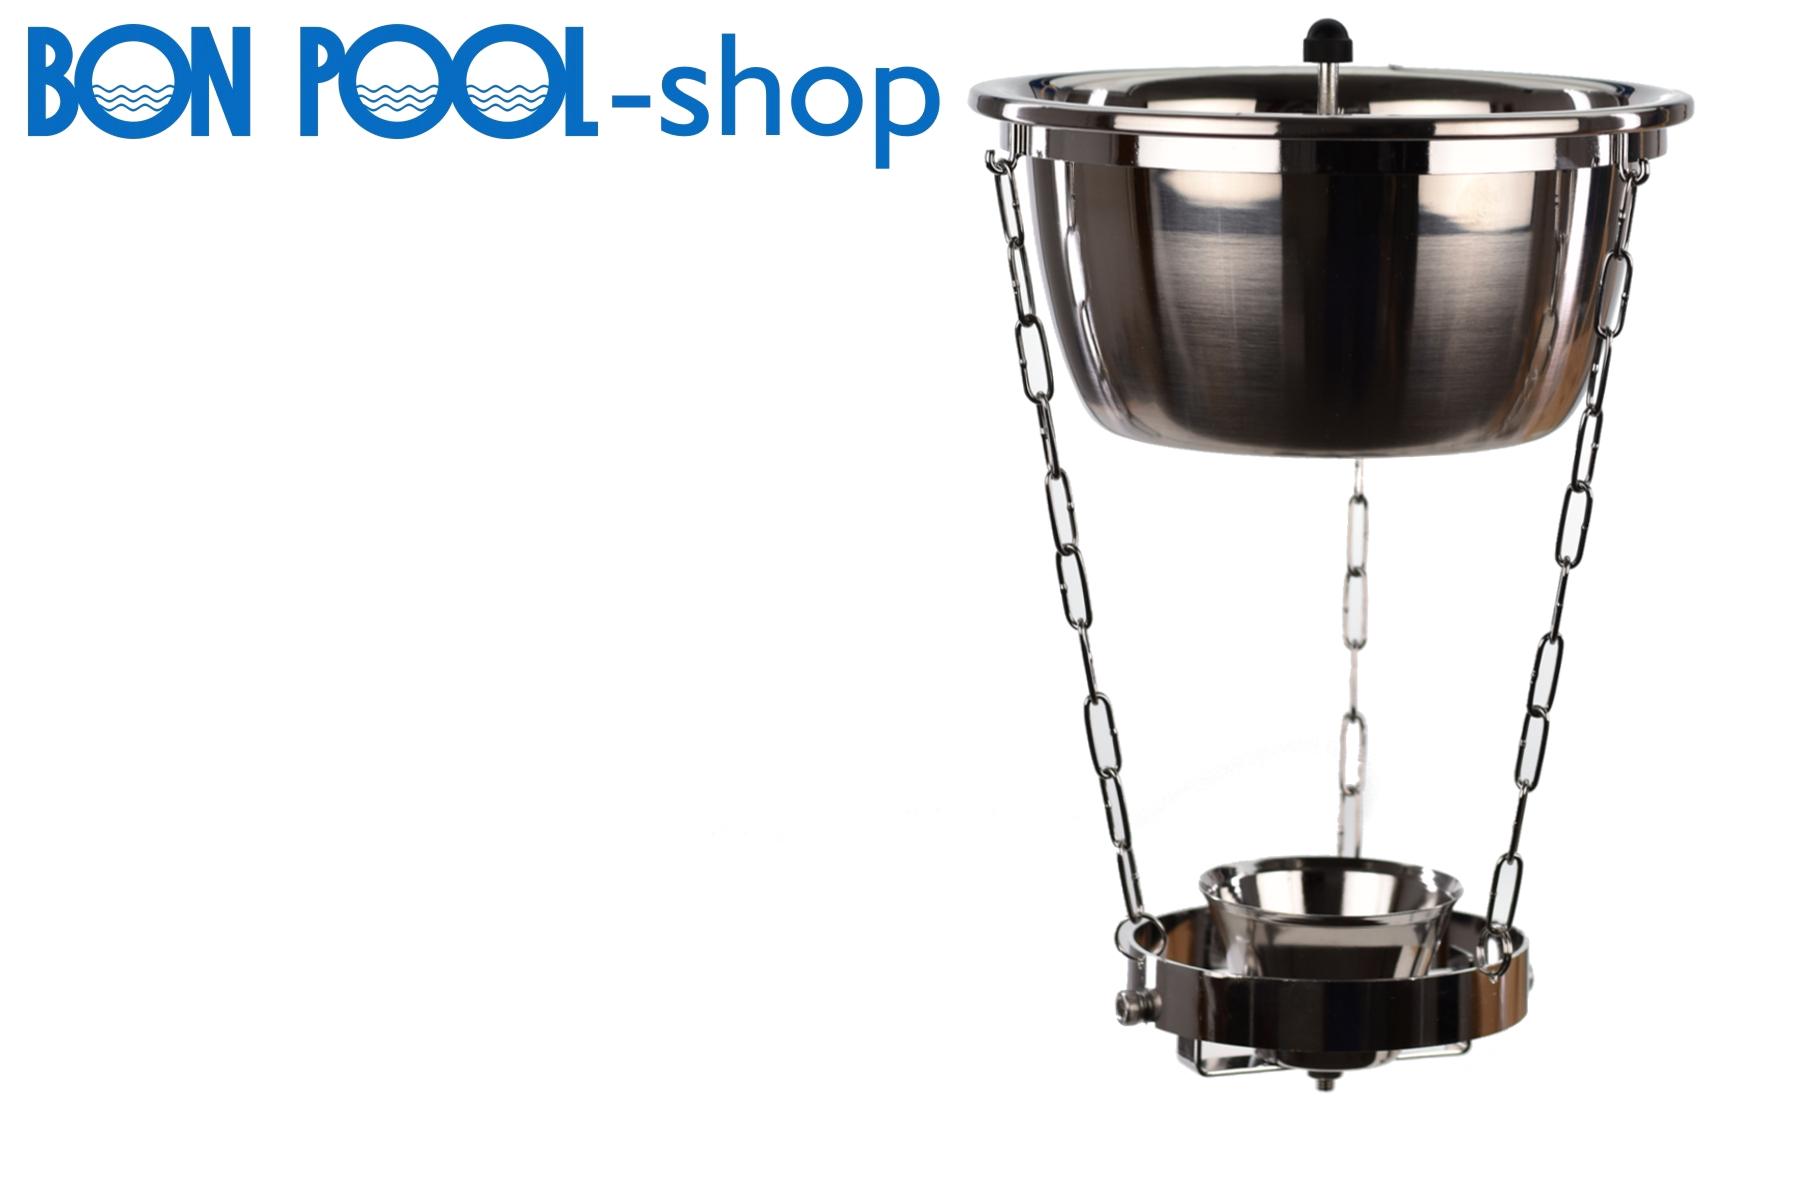 aquadropper aus edelstahl bon pool. Black Bedroom Furniture Sets. Home Design Ideas